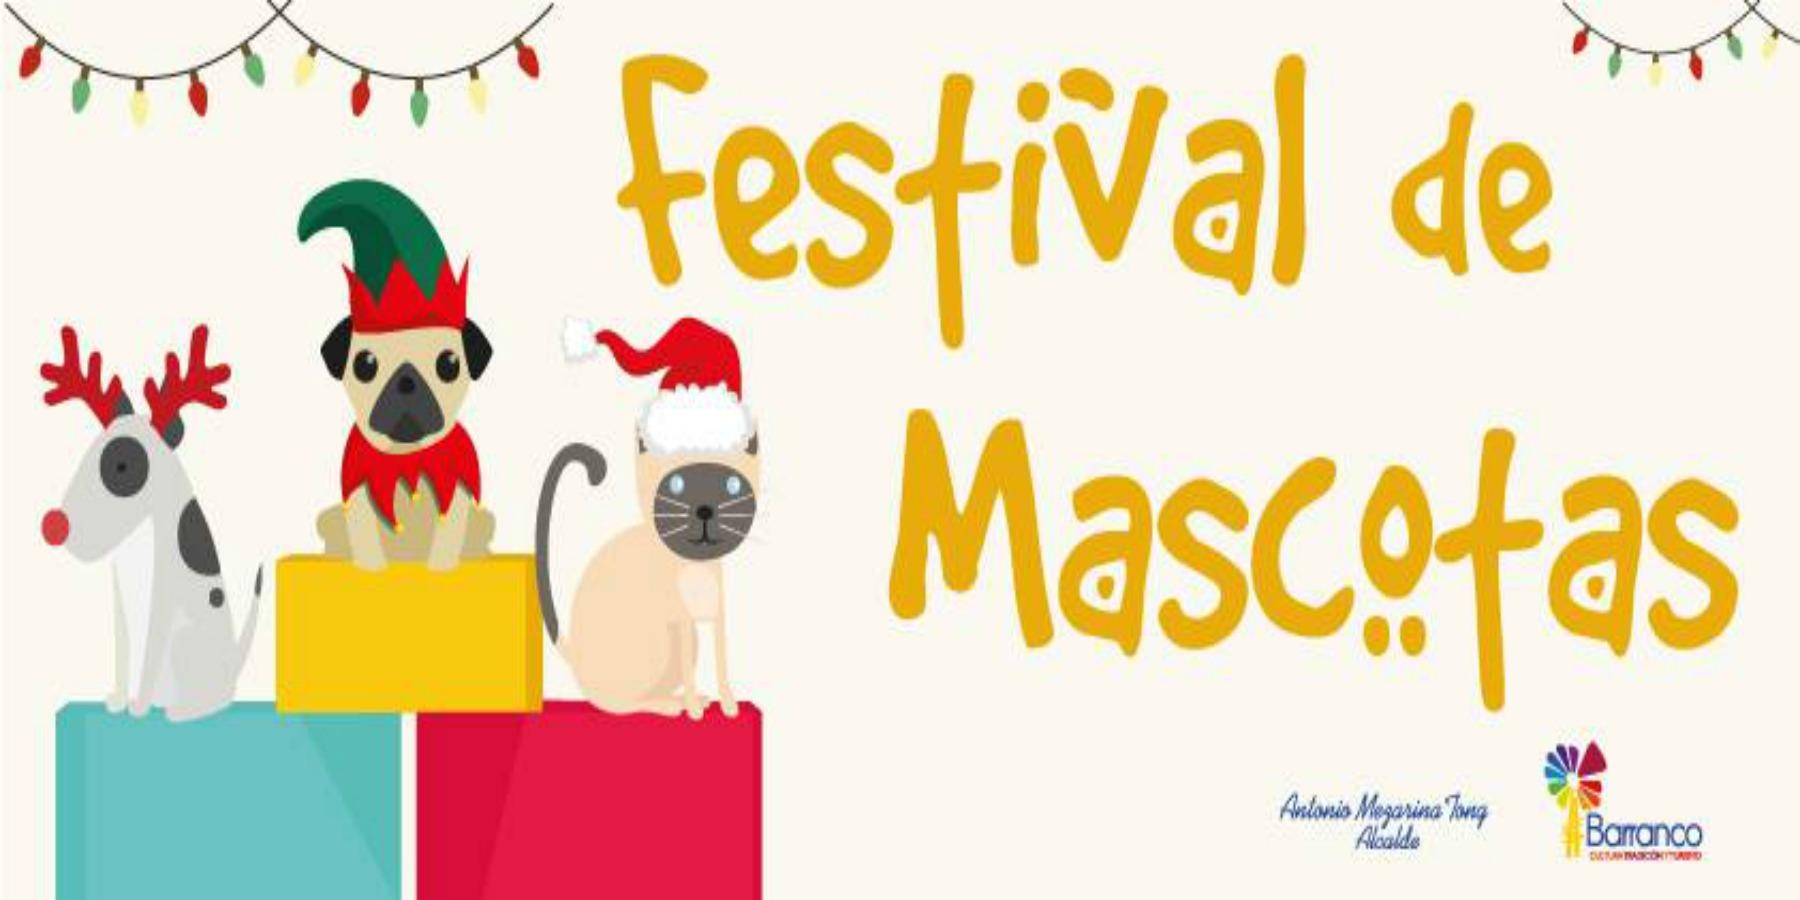 Festival de Mascotas